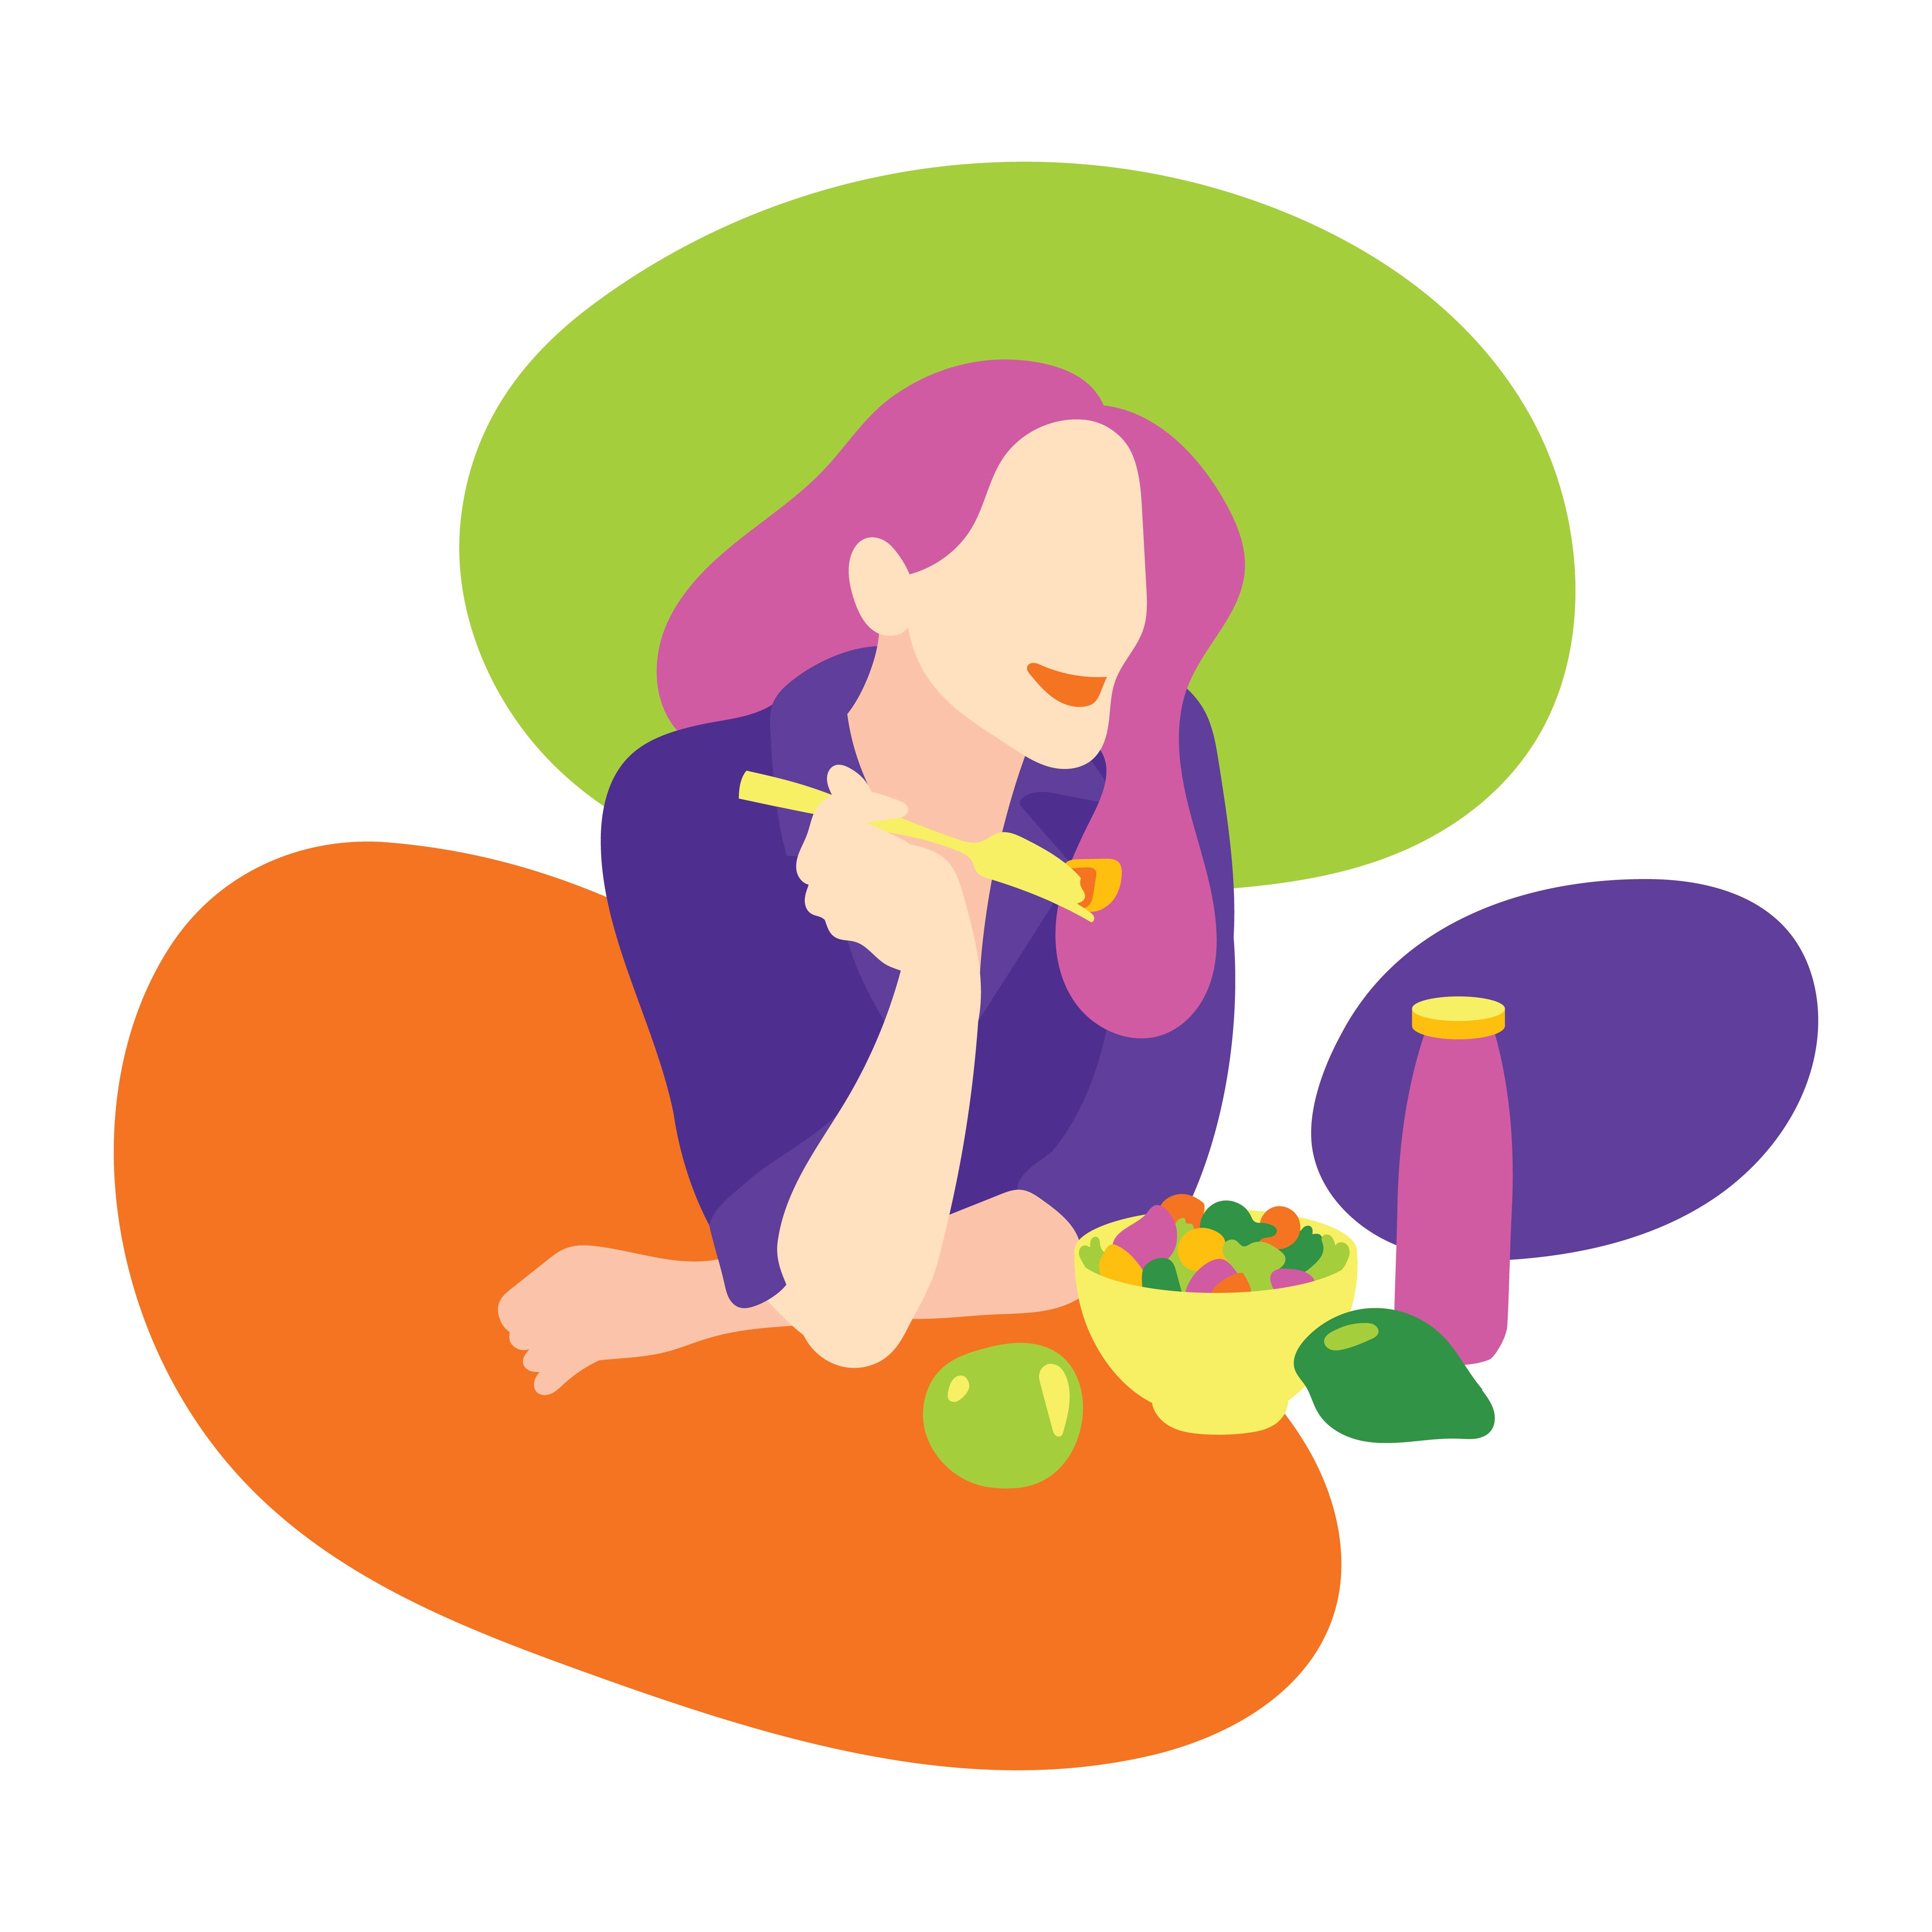 Femme Mangeant Un Repas Sain Telecharger Vectoriel Gratuit Clipart Graphique Vecteur Dessins Et Pictogramme Gratuit